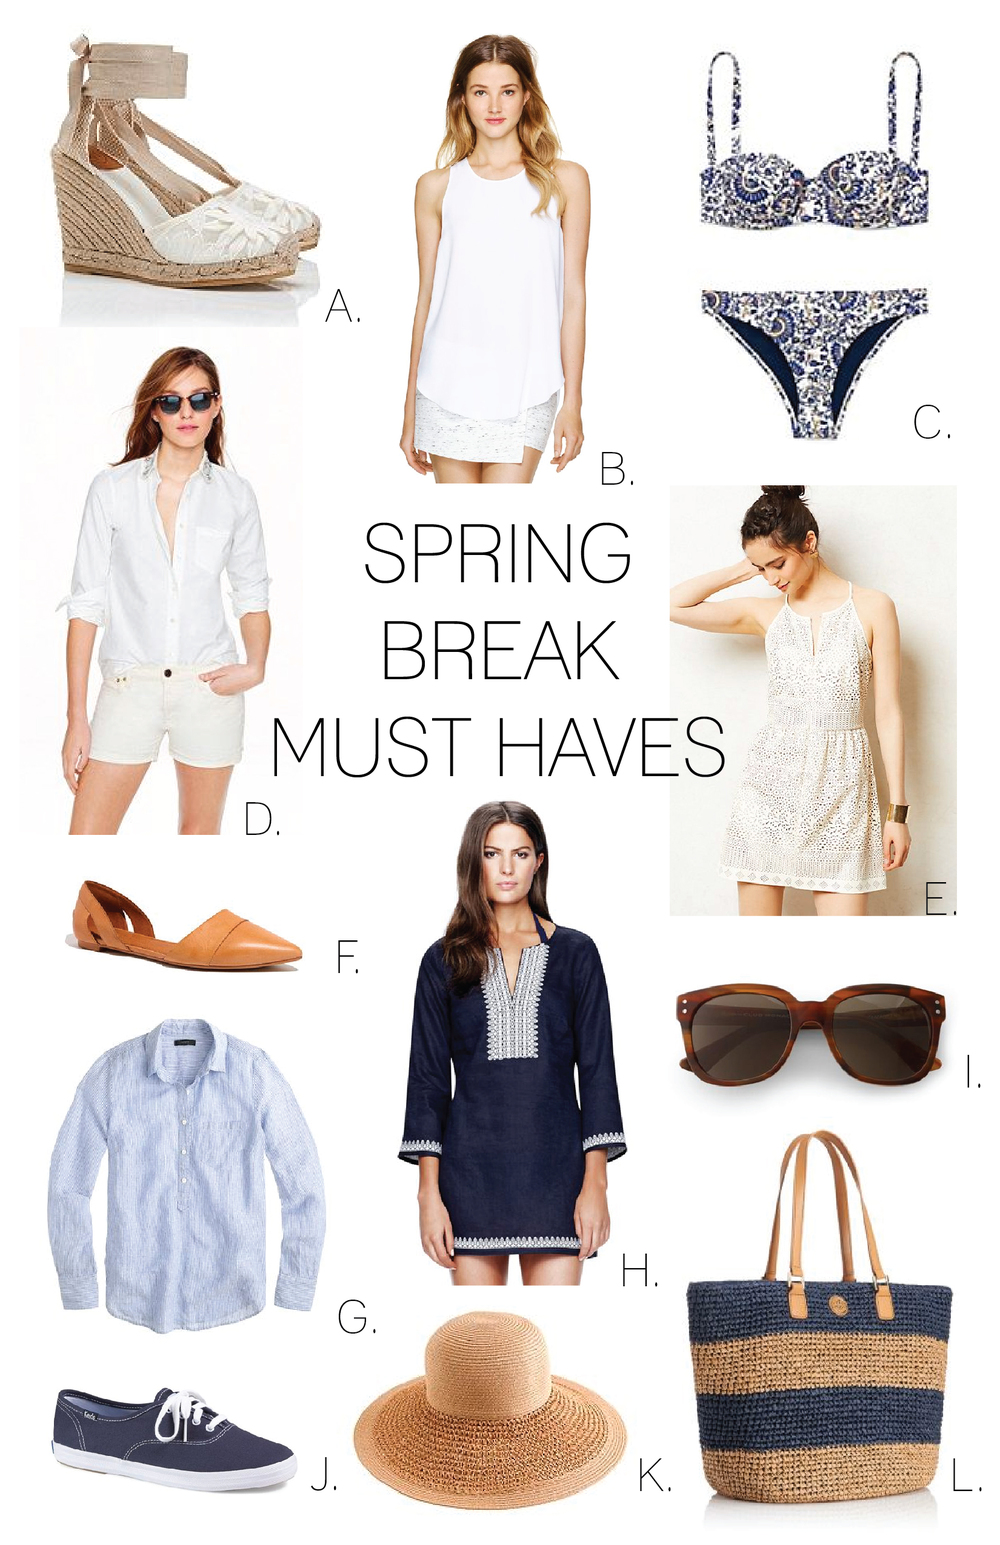 spring break-01.jpg